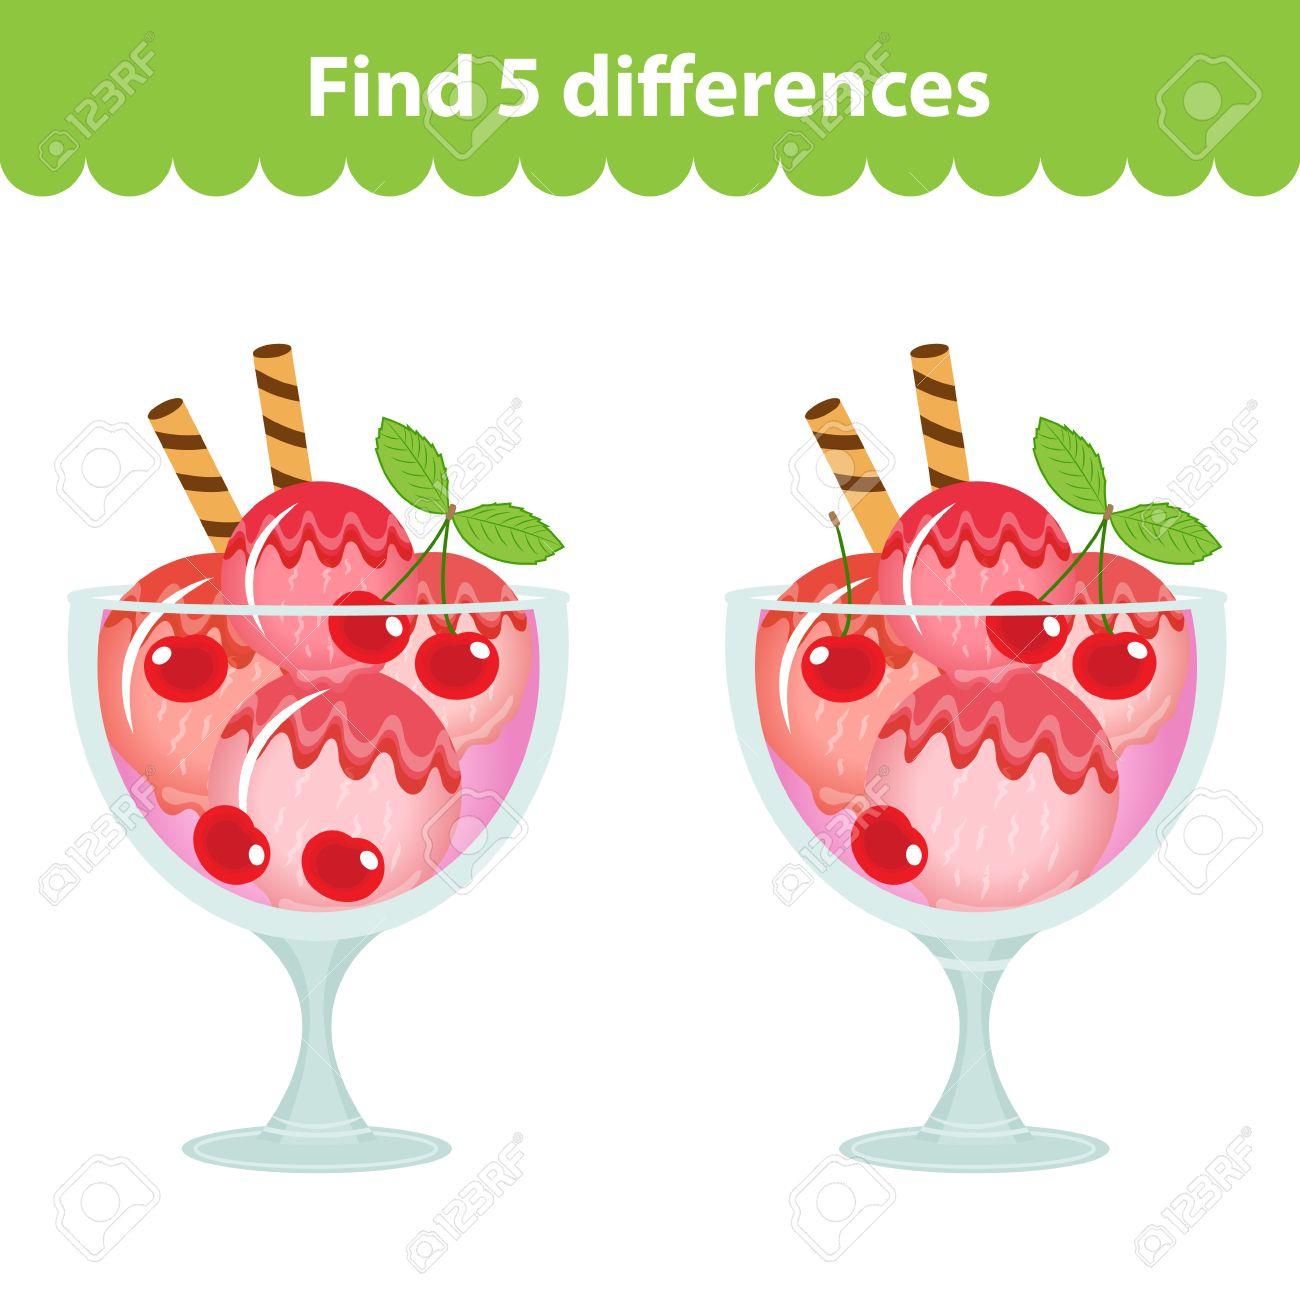 Jeu Éducatif Pour Enfants. Trouvez Les 5 Différences Dans L'image. Image De  La Crème Glacée Pour Le Jeu Trouver Les 5 Différences. Trouver Le Jeu De tout Les 5 Differences